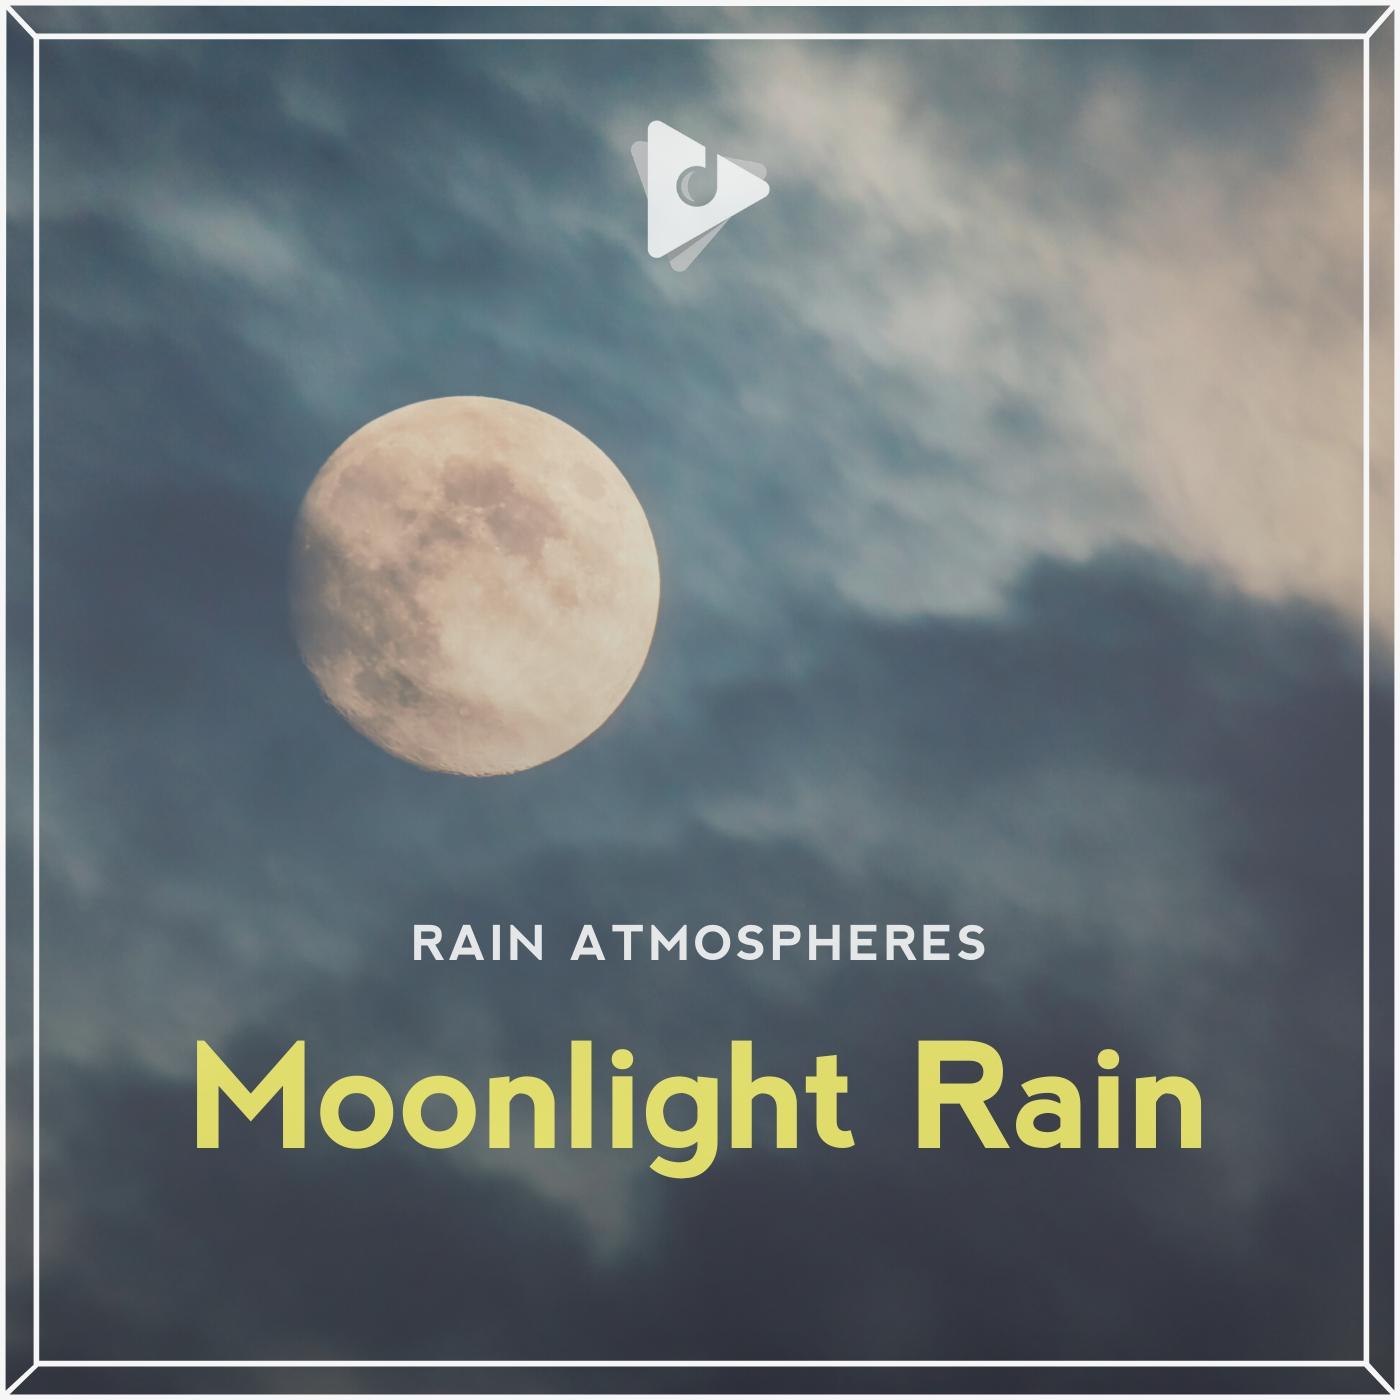 Moonlight Rain